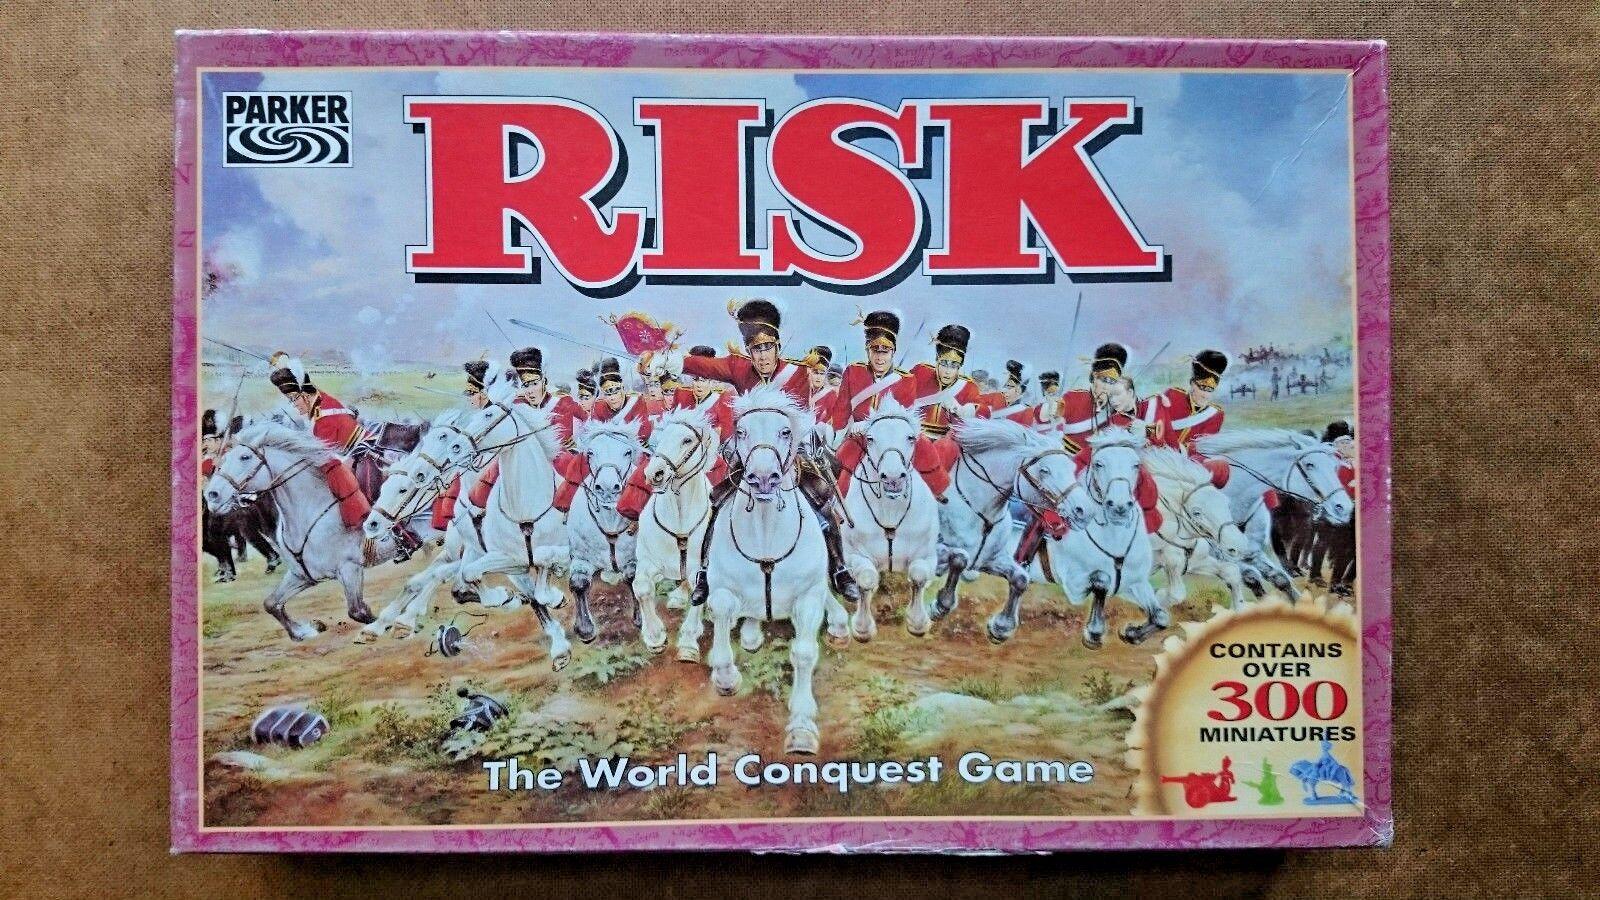 La conquista del mundo juego de riesgo por Parker 1996